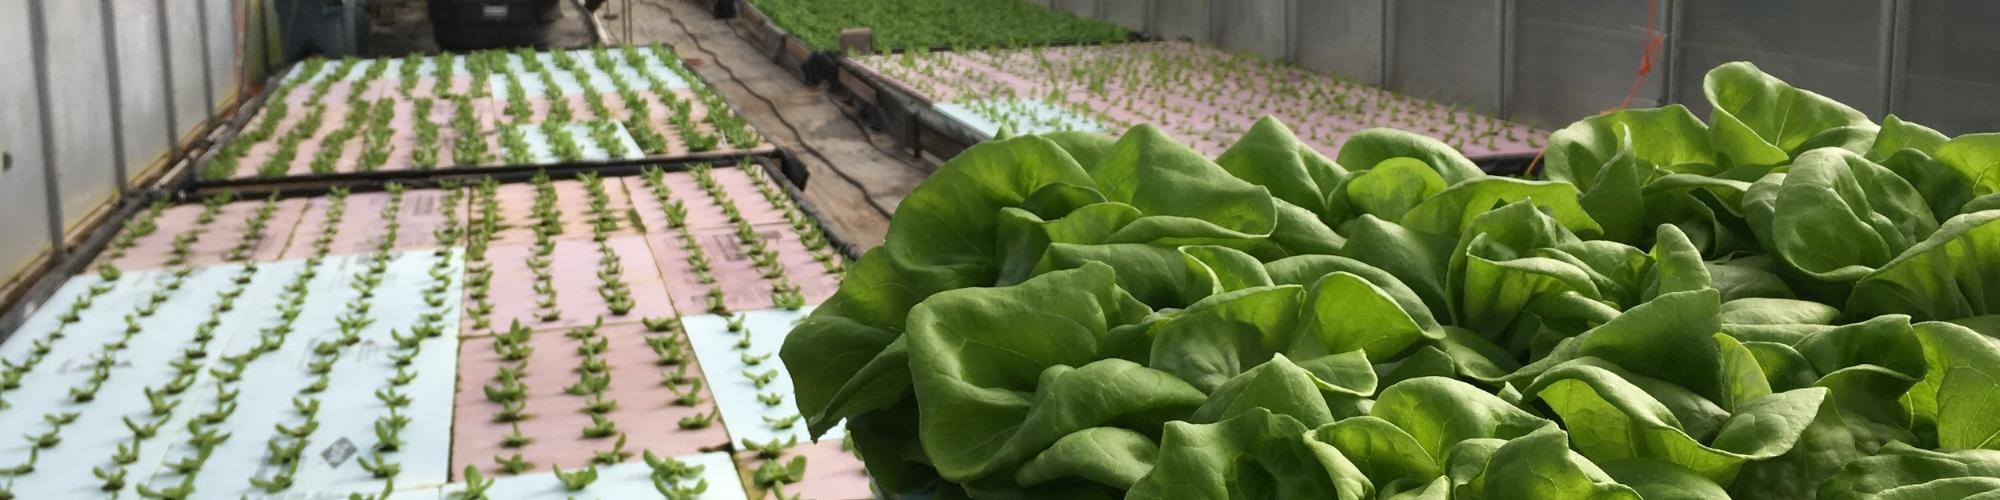 Greenhouse Lettuce.JPG